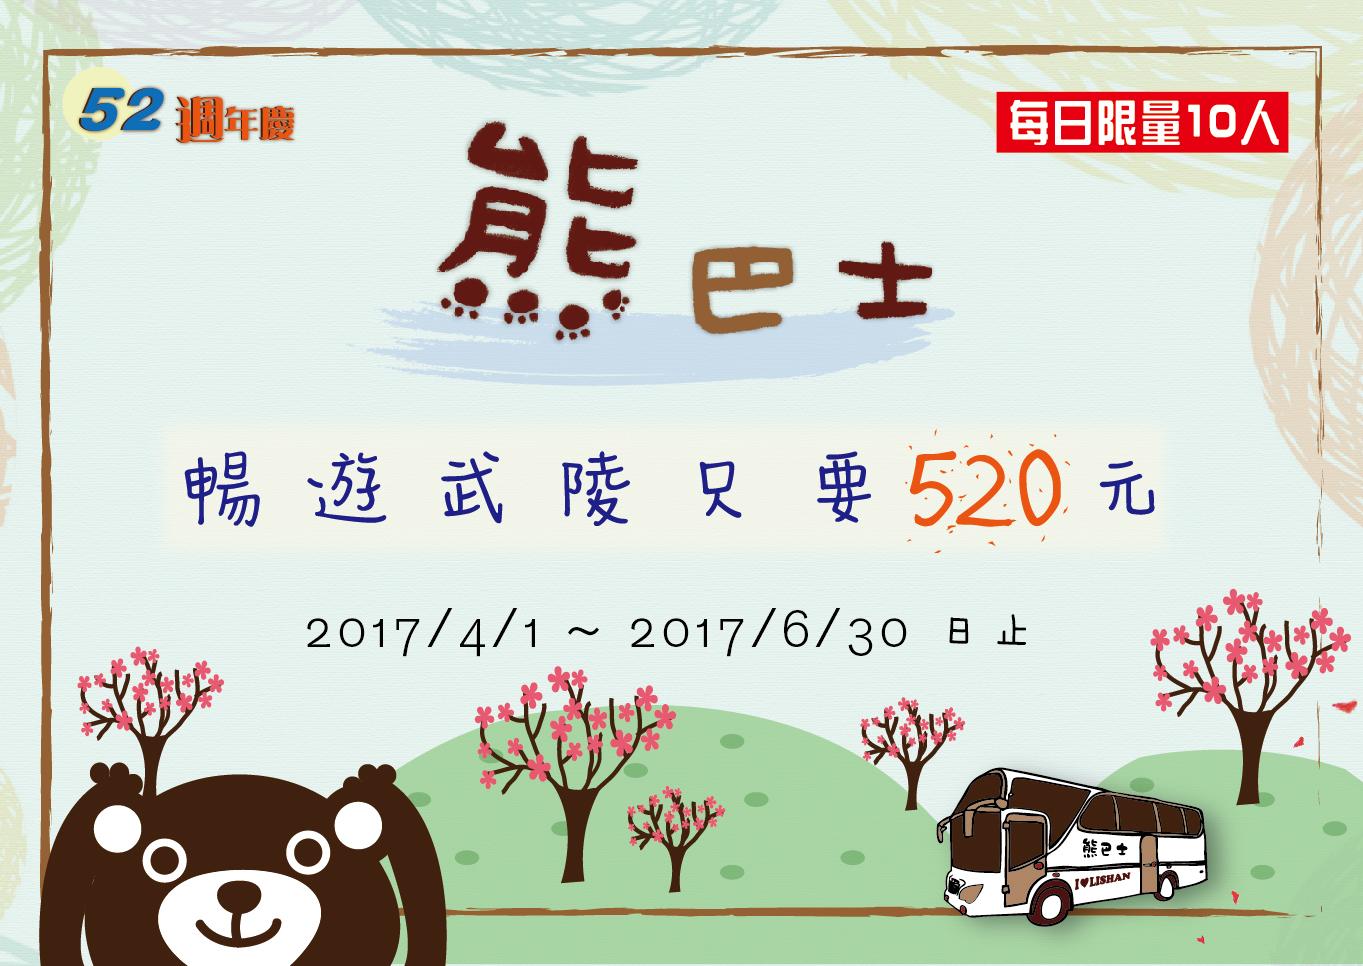 52週年慶 壽星熊巴士520專案